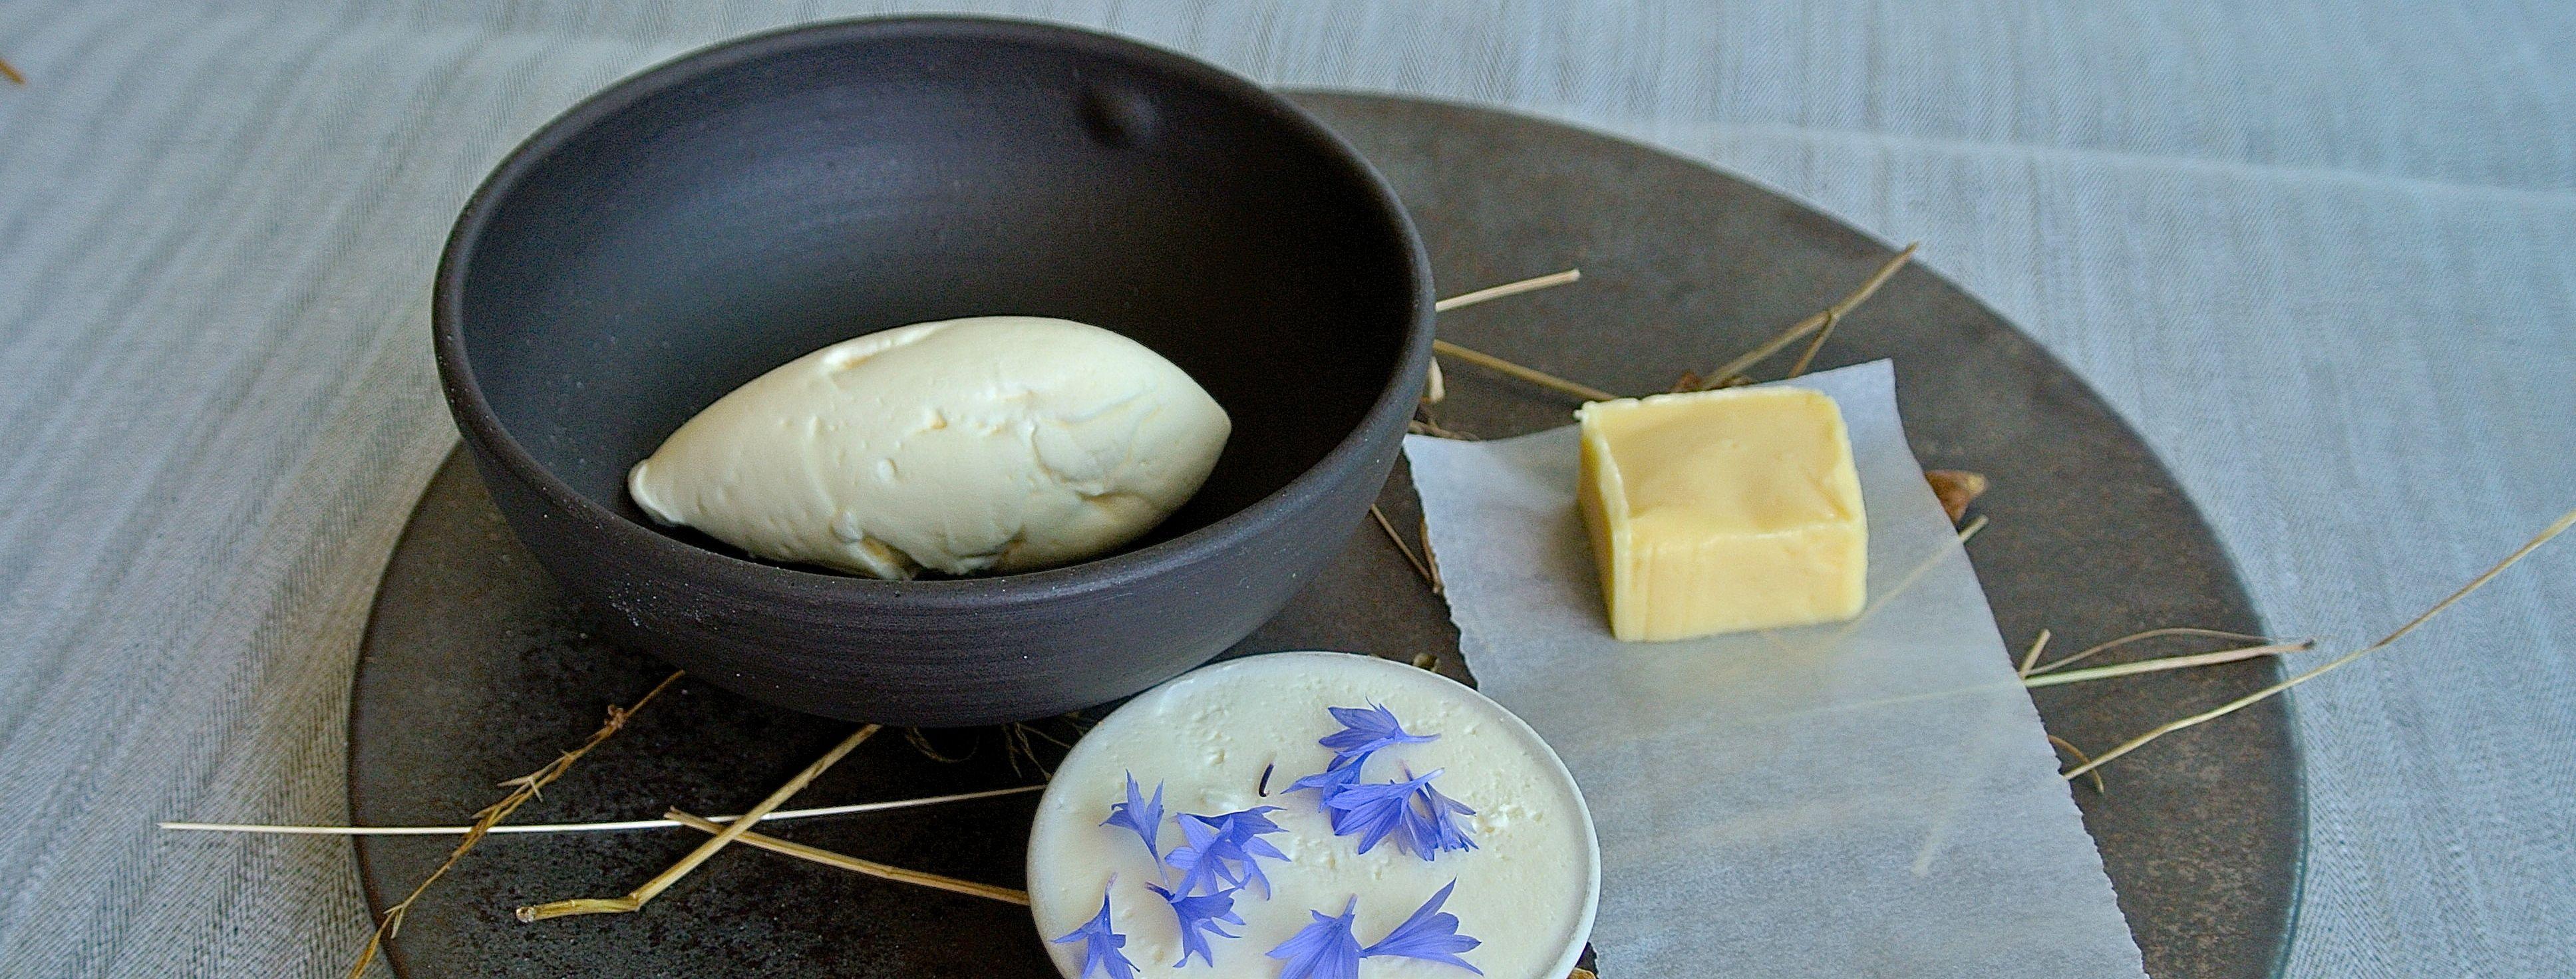 Es gibt sie noch: Butter, wie sie schmecken muss